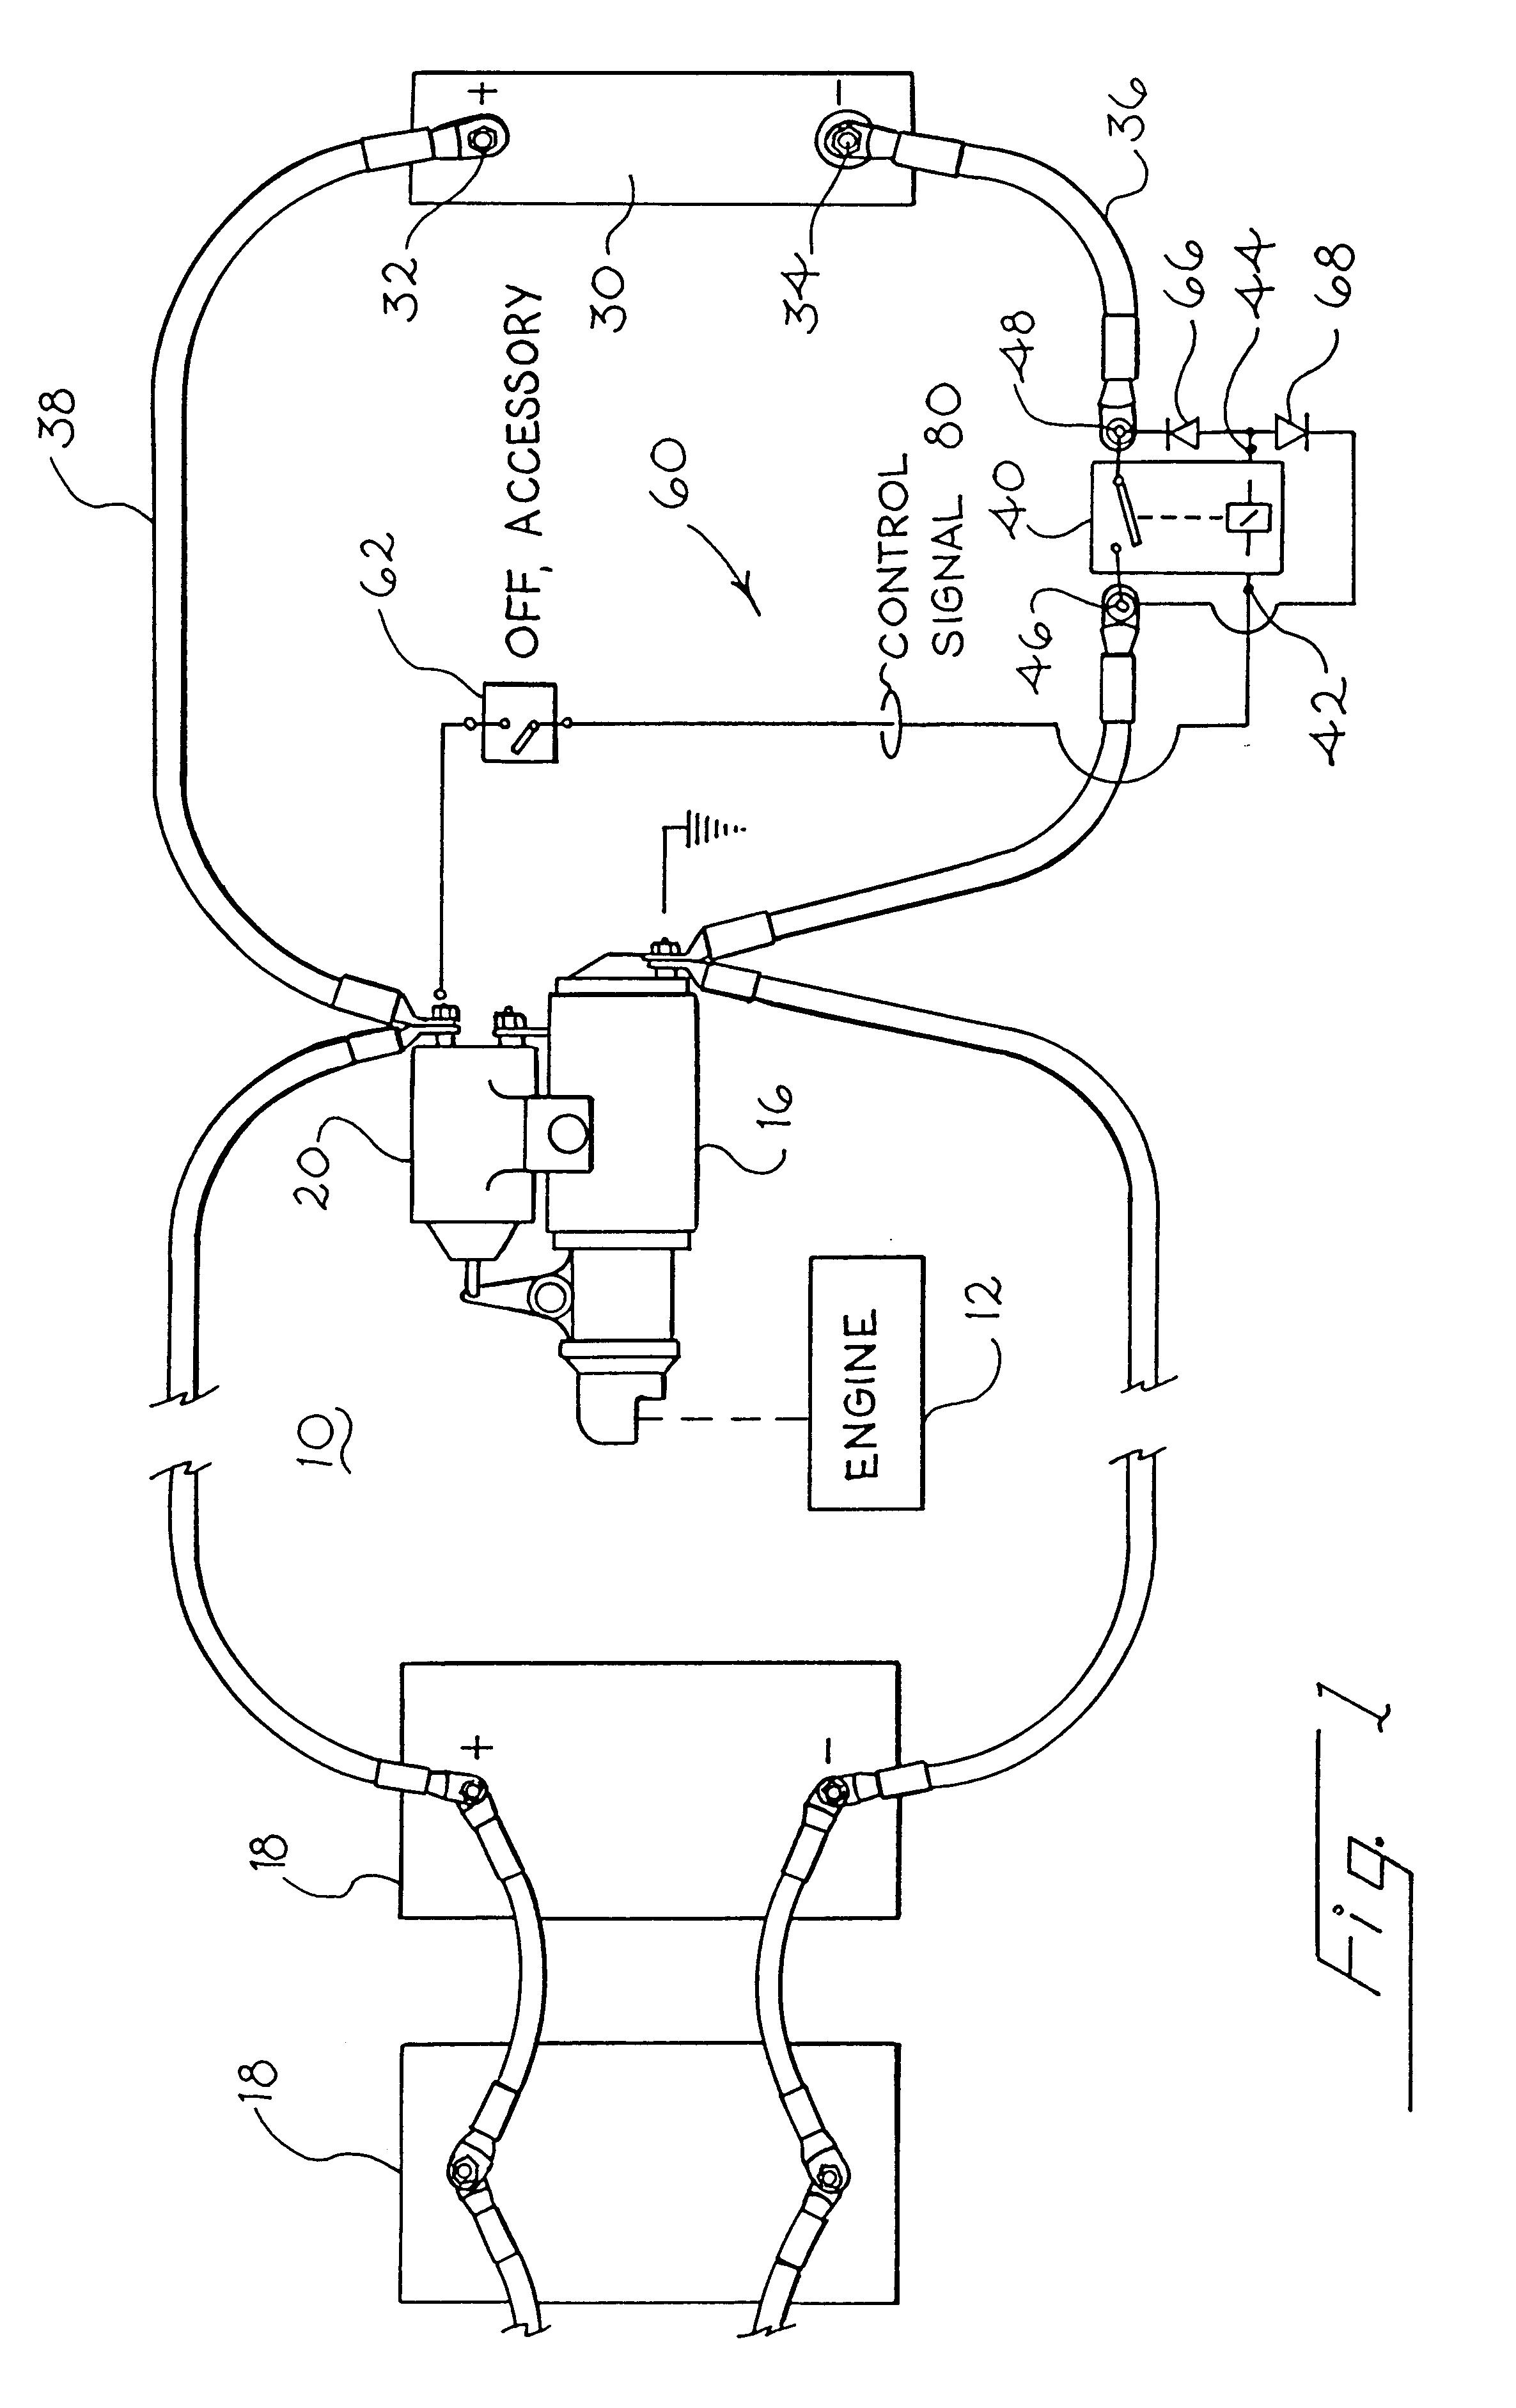 patent us6819010